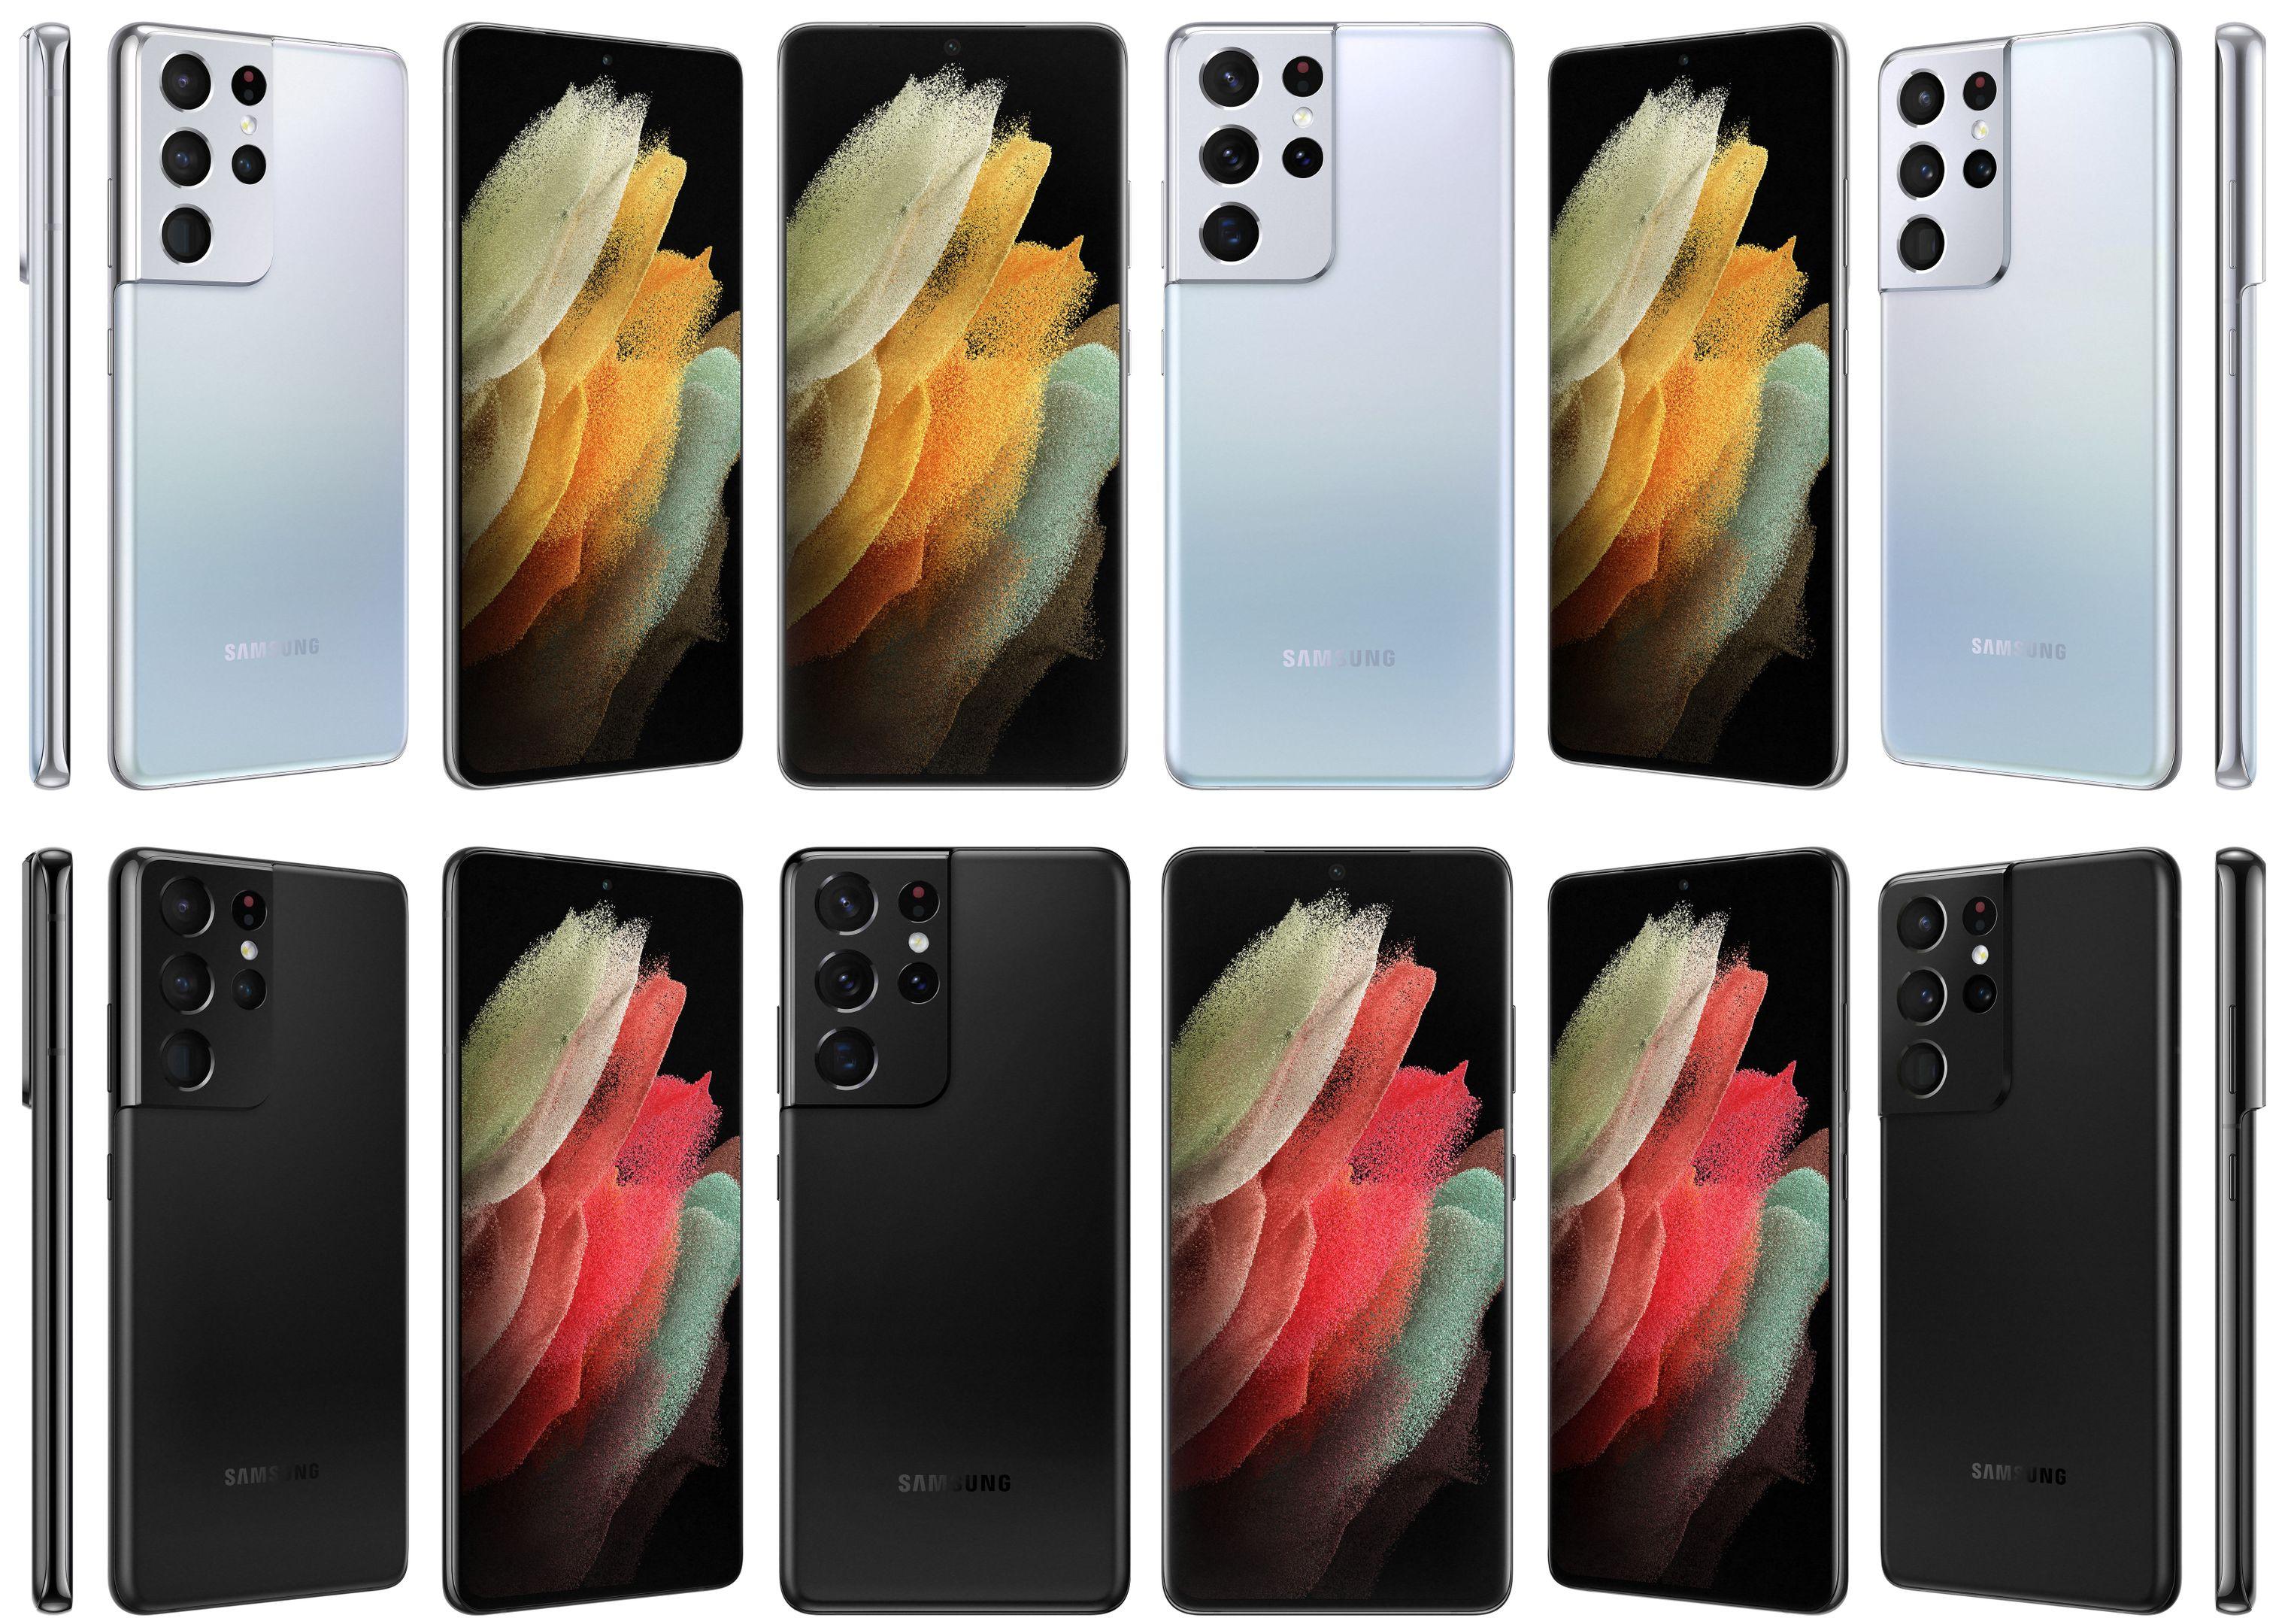 kiedy premiera przedsprzedaż Samsung Galaxy S21 Ultra cena specyfikacja techniczna dane techniczne plotki przecieki